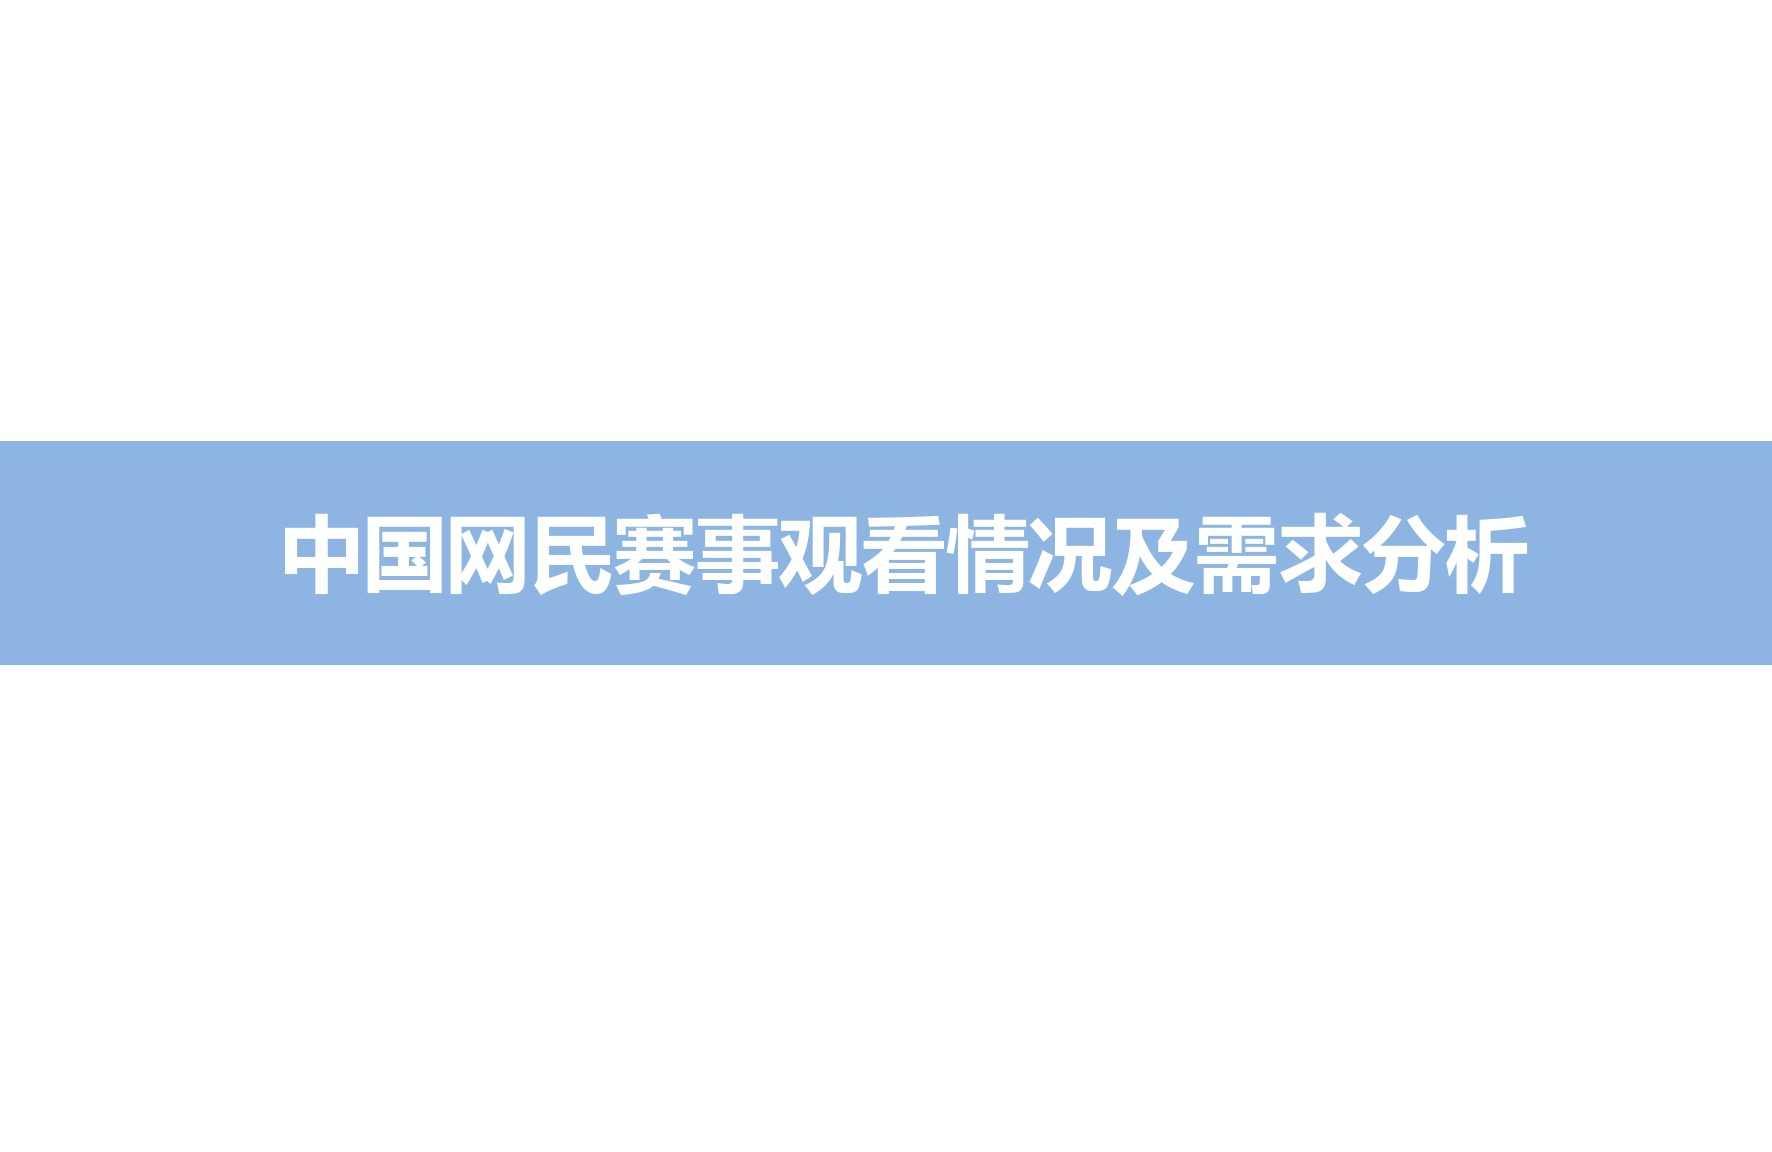 """艾媒咨询:2015年中国""""互联网+""""体育研究_000026"""